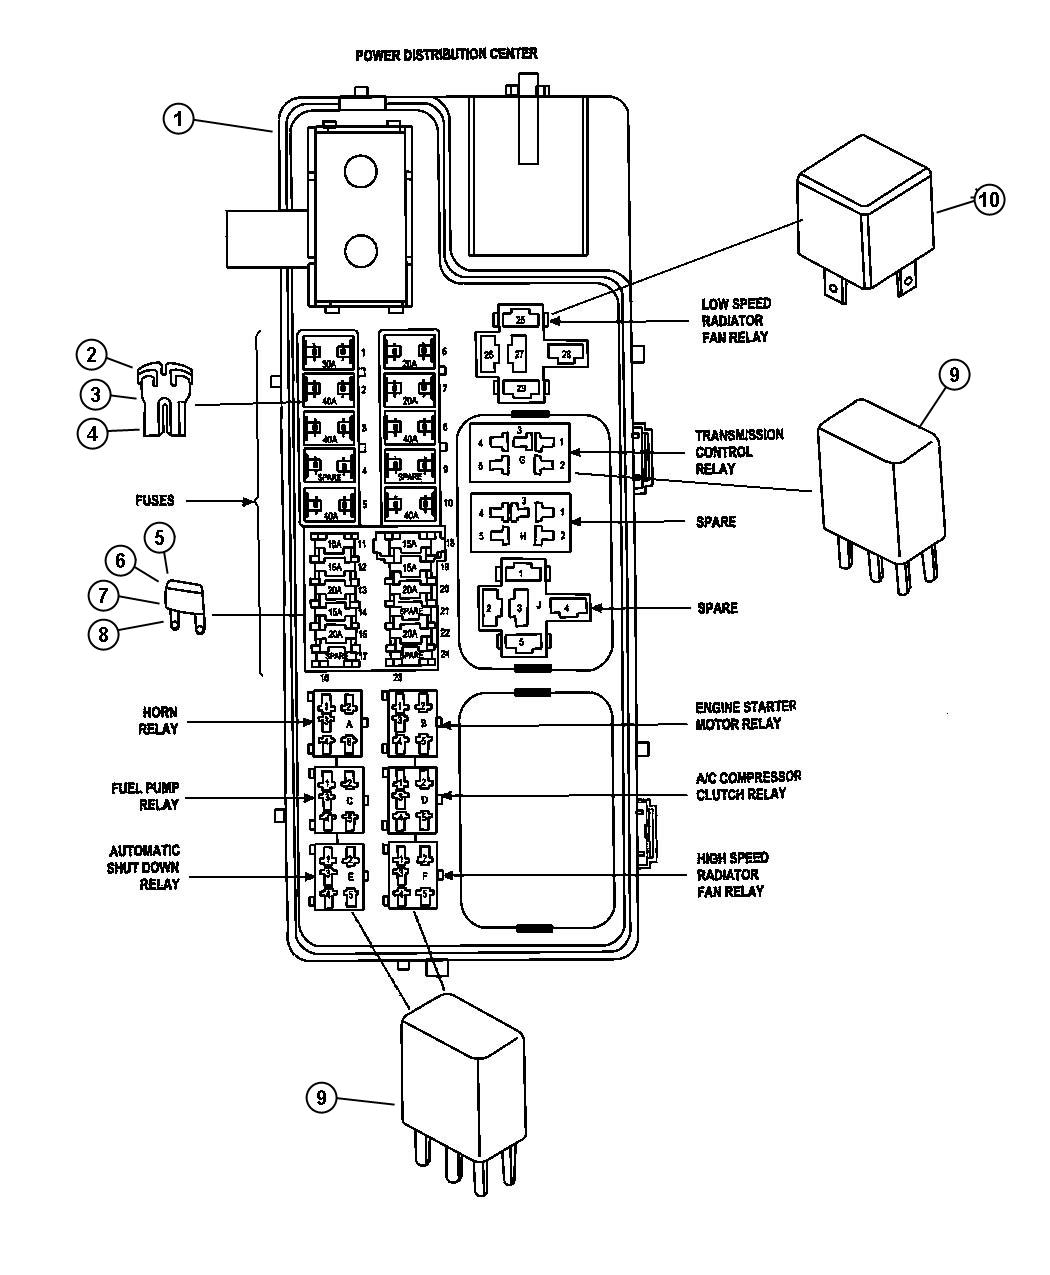 00i54981?resize=665%2C808 2002 chrysler pt cruiser cooling fan wiring diagram 2001 pt 2006 PT Cruiser Wiring-Diagram at soozxer.org